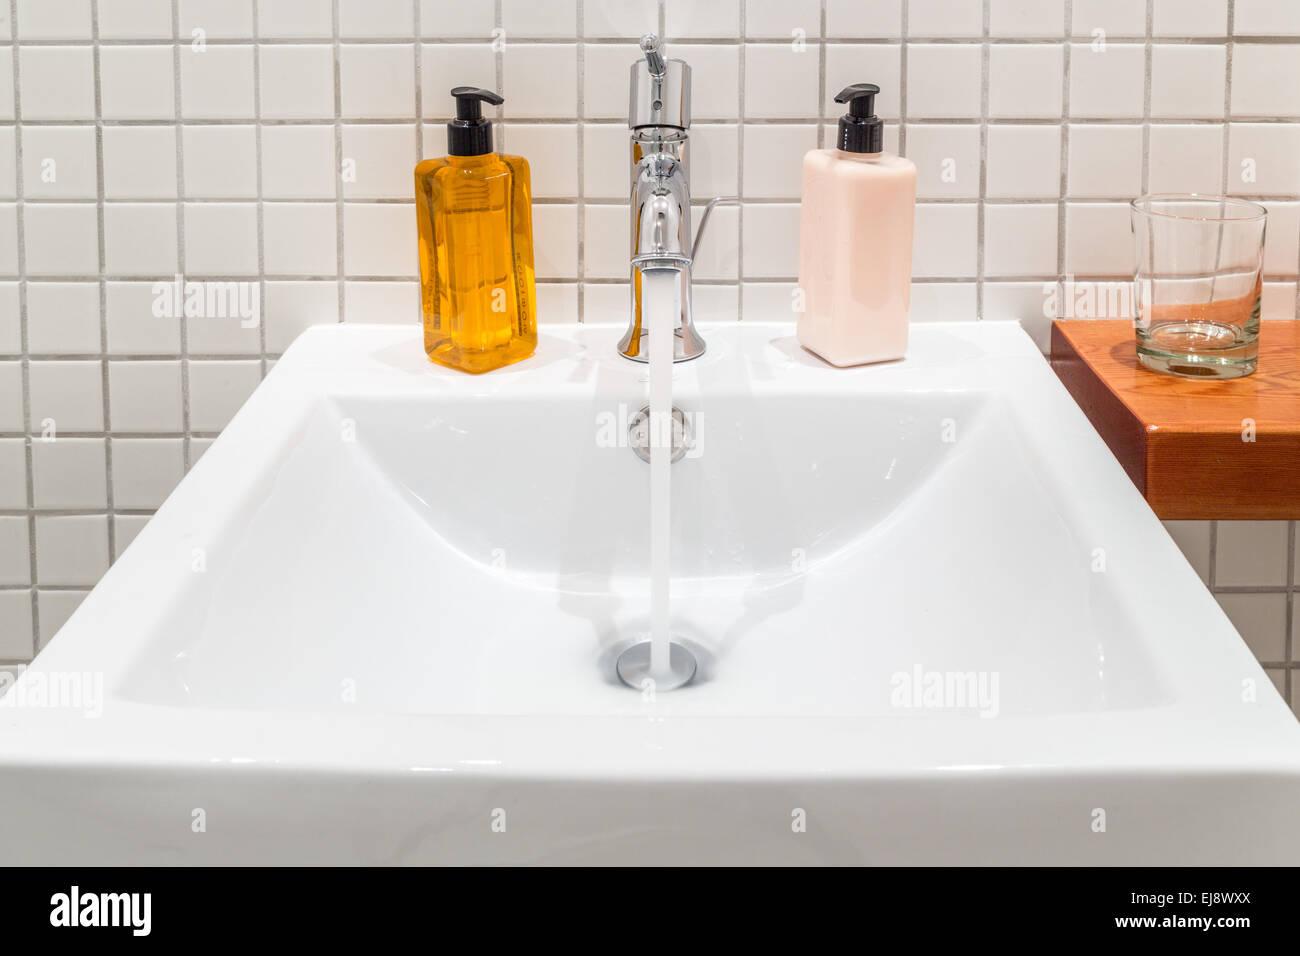 Hand wash basin - Stock Image